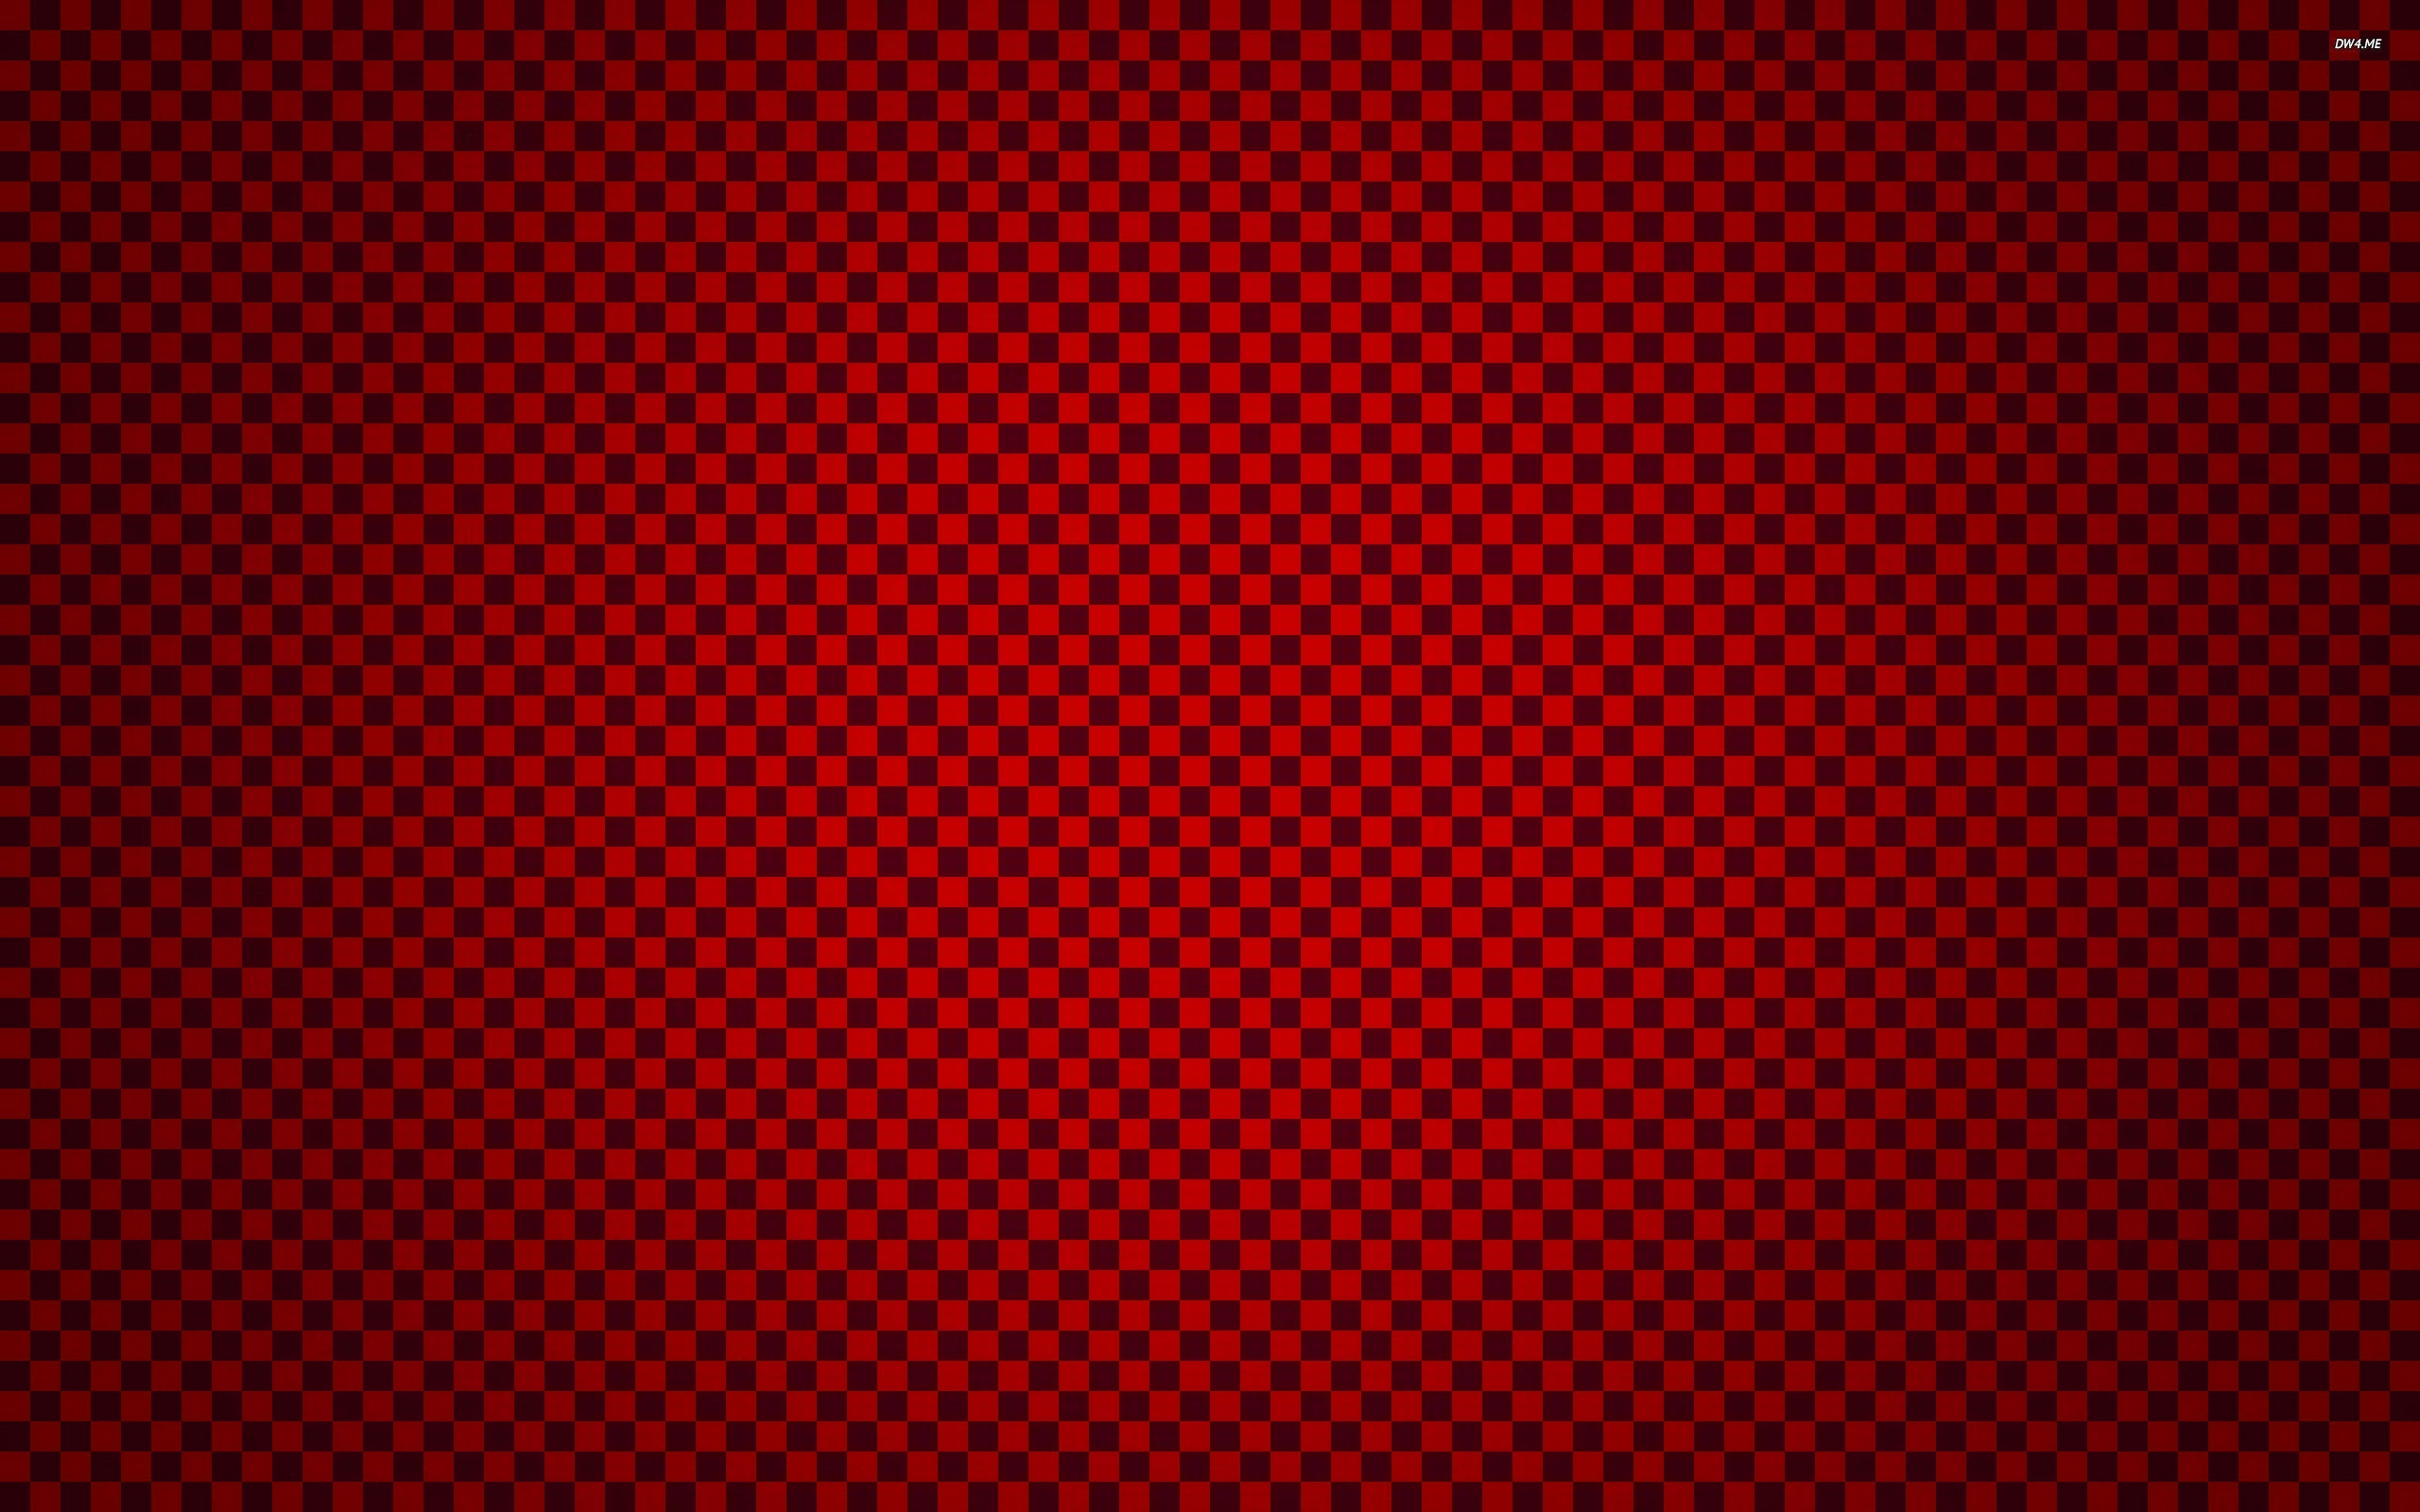 Imagen de cuadros rojos con negro